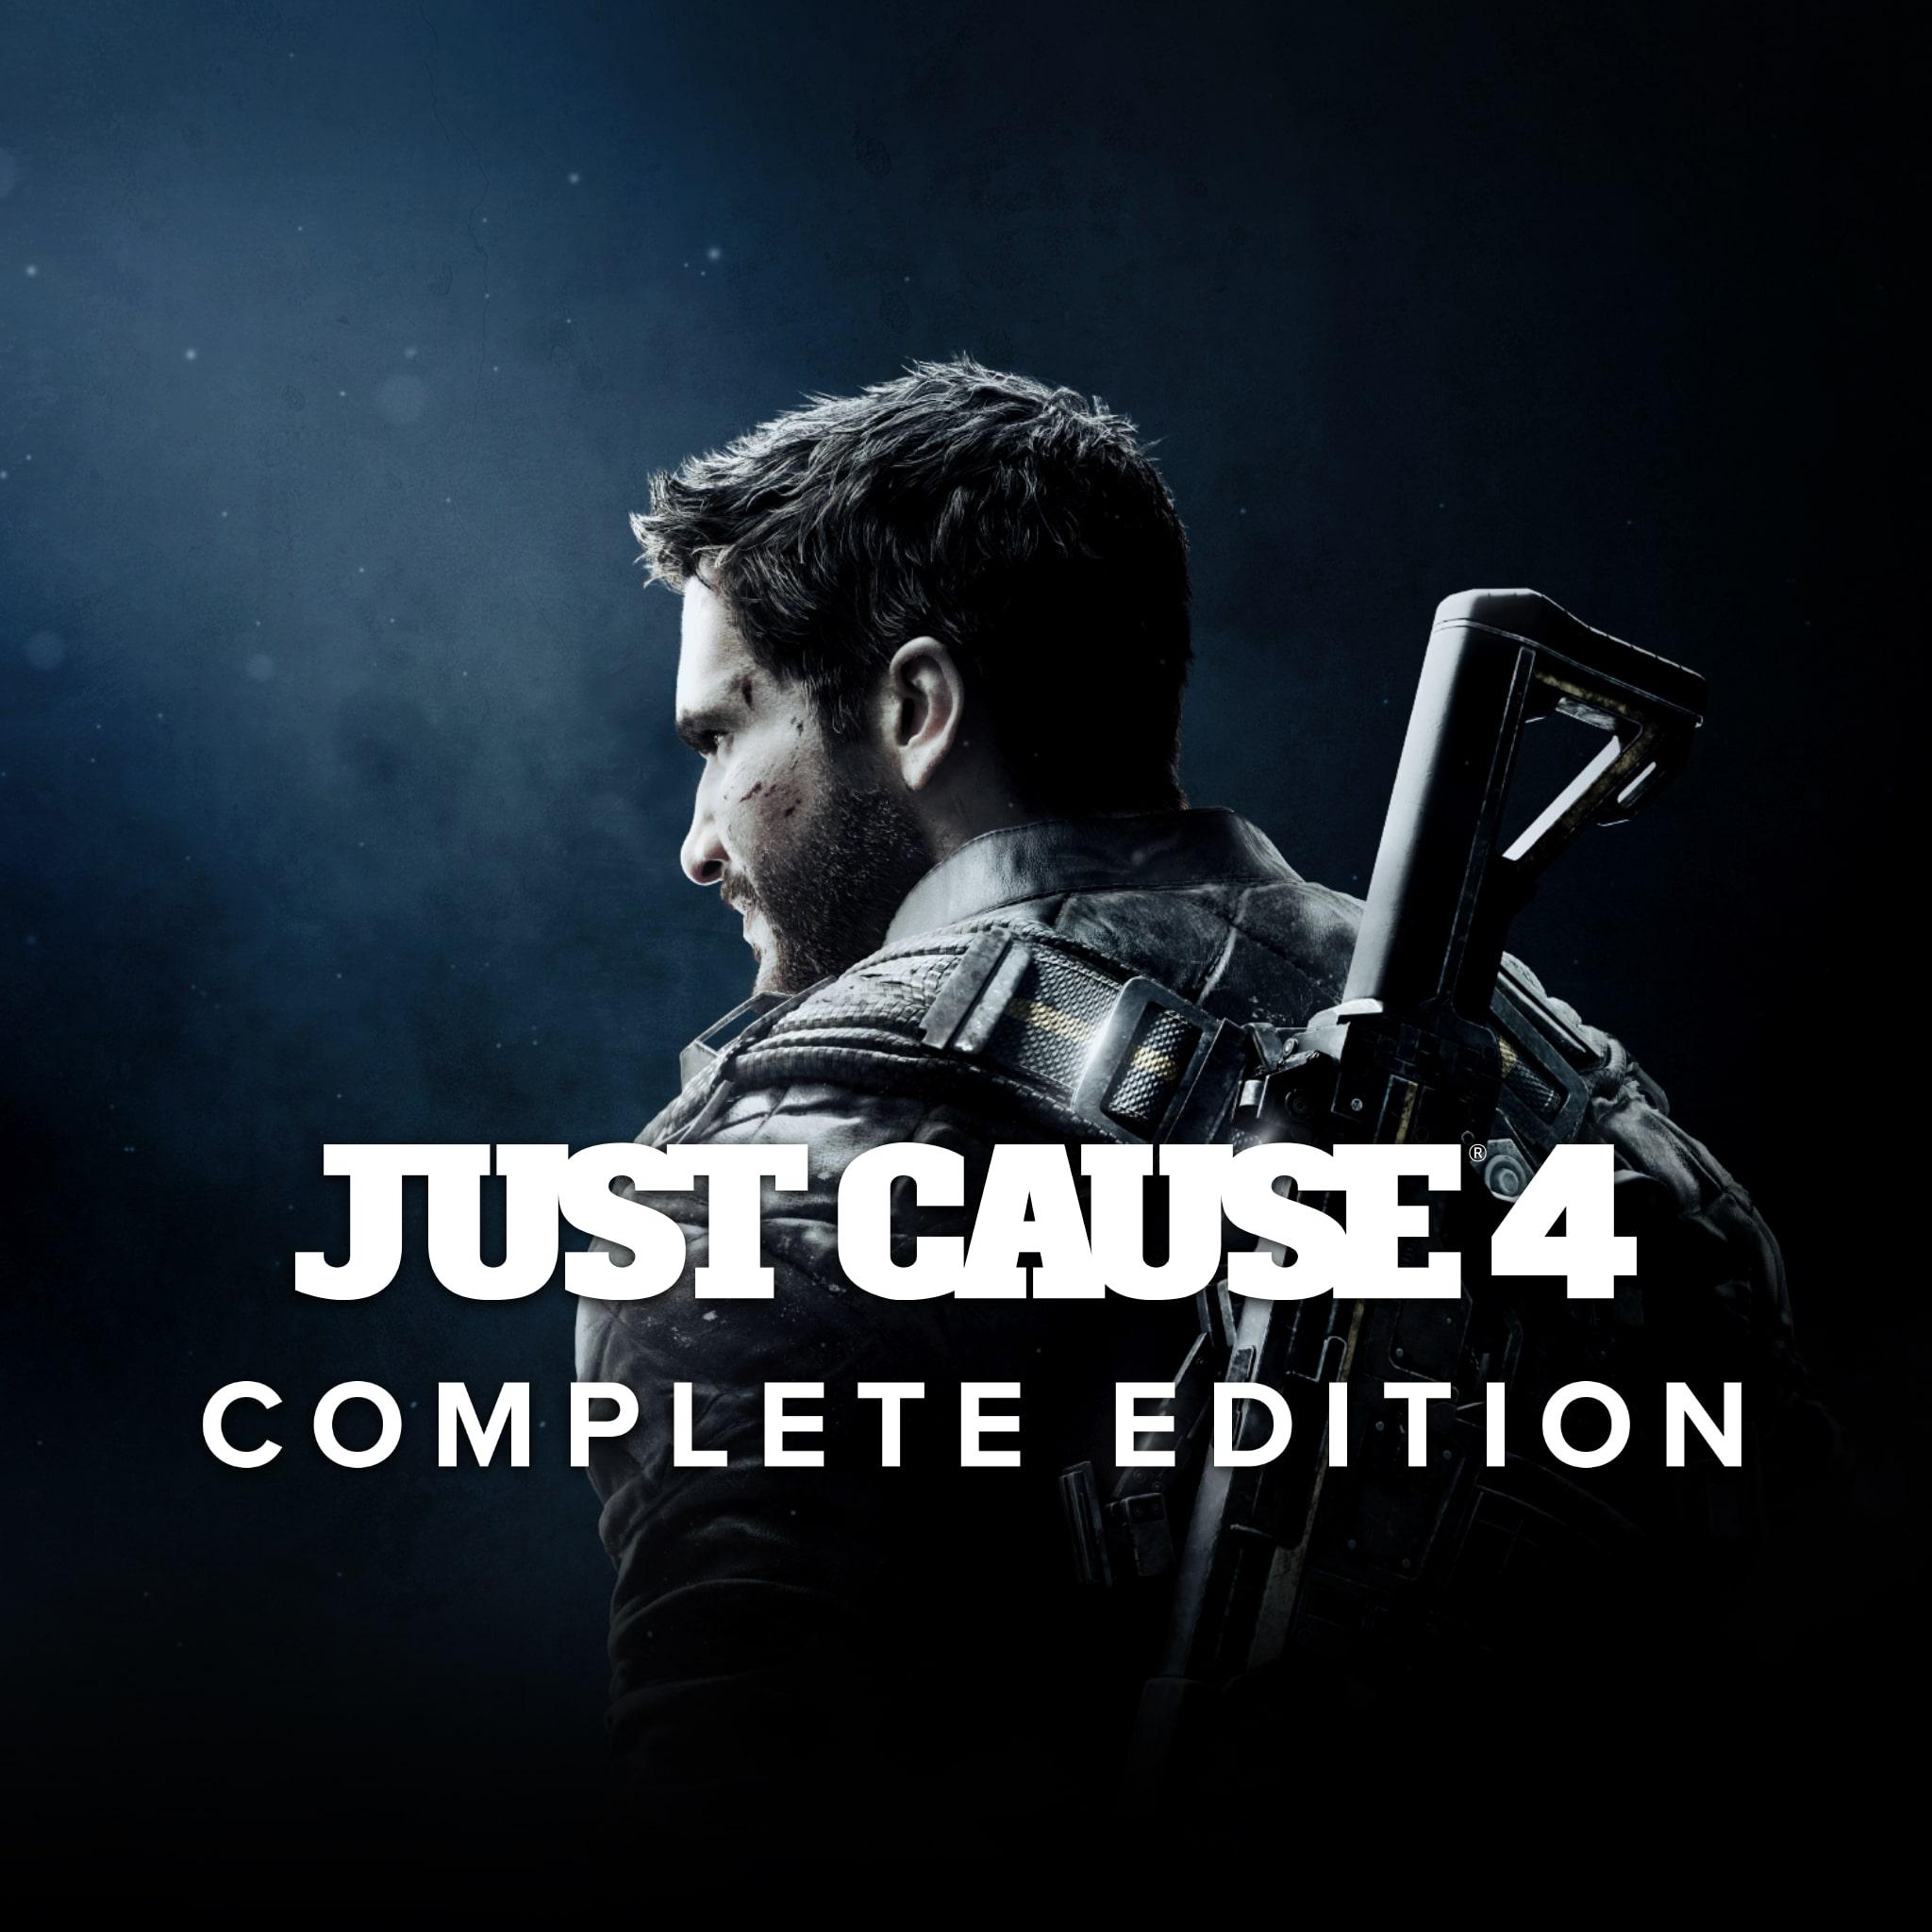 Just Cause 4 - الإصدار الكامل